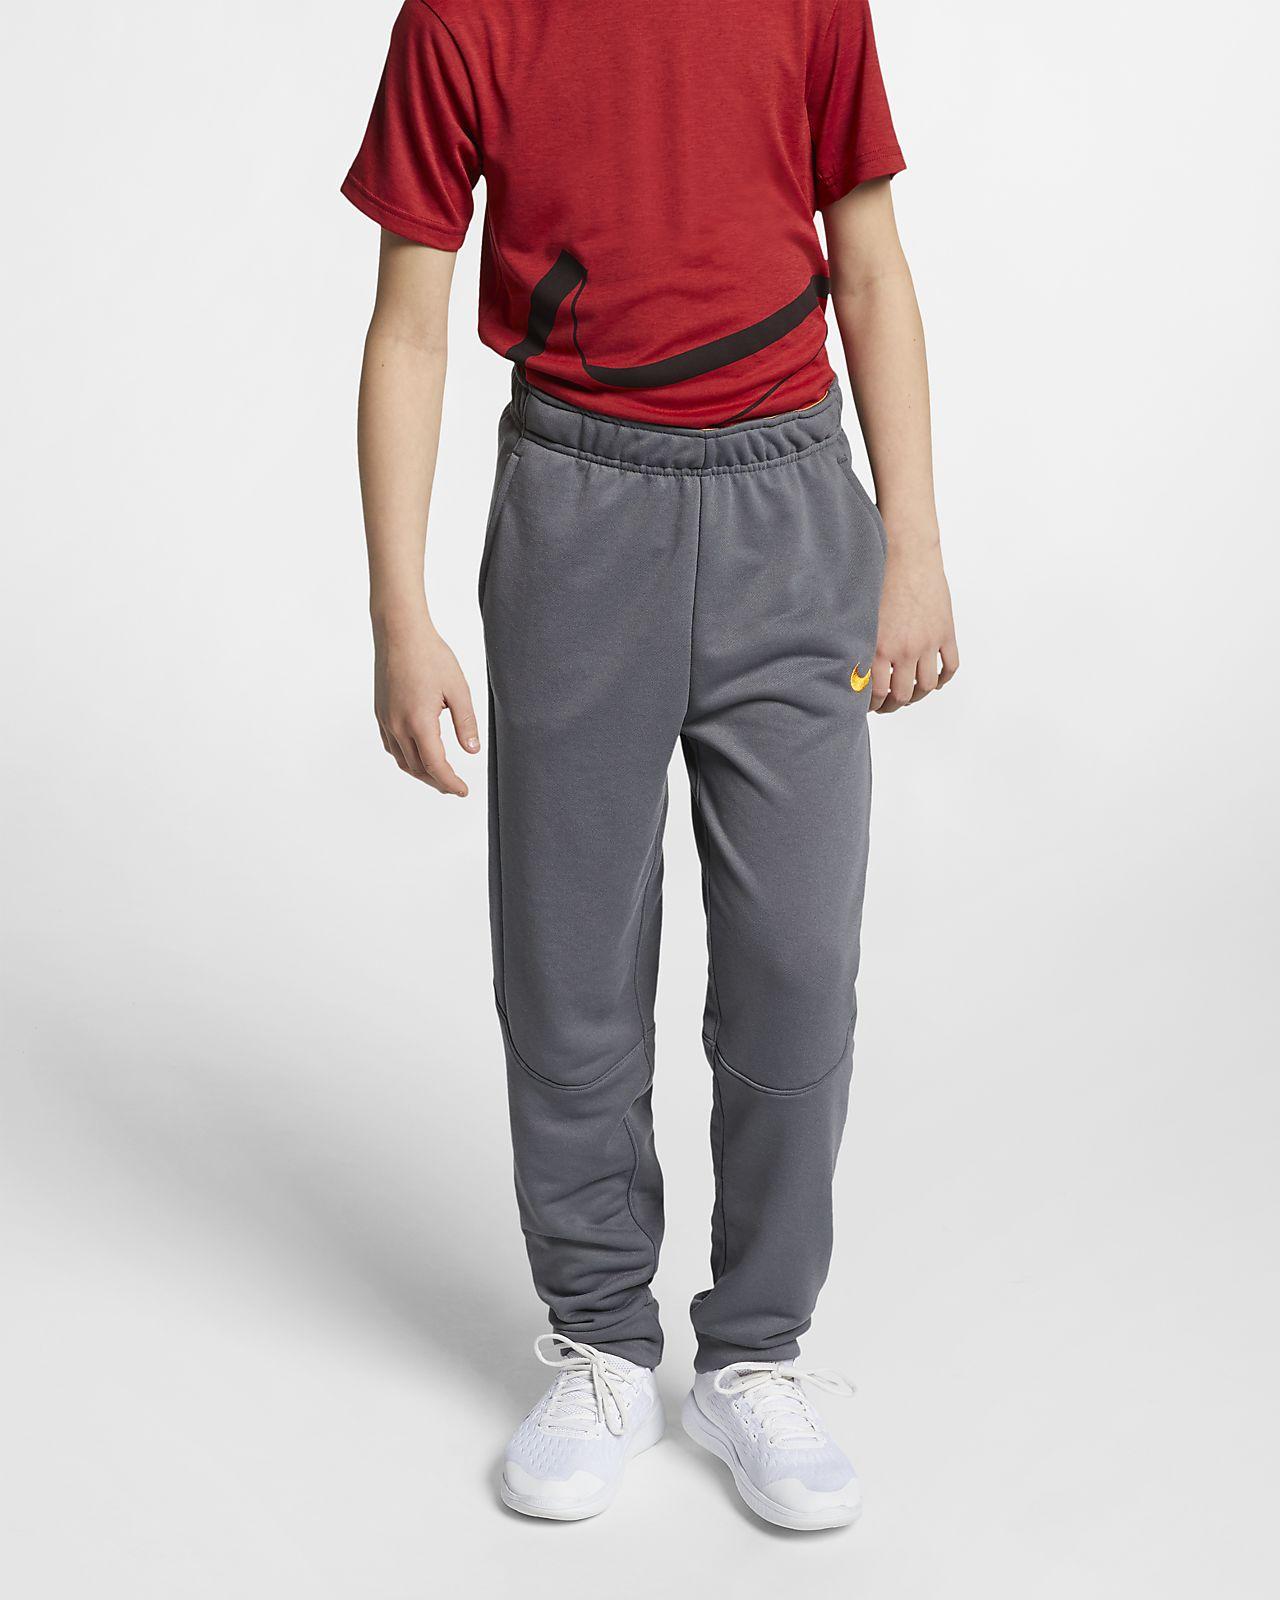 Pantalones de entrenamiento de vellón para niños de talla grande Nike  Dri-FIT 91f93918f0b7a